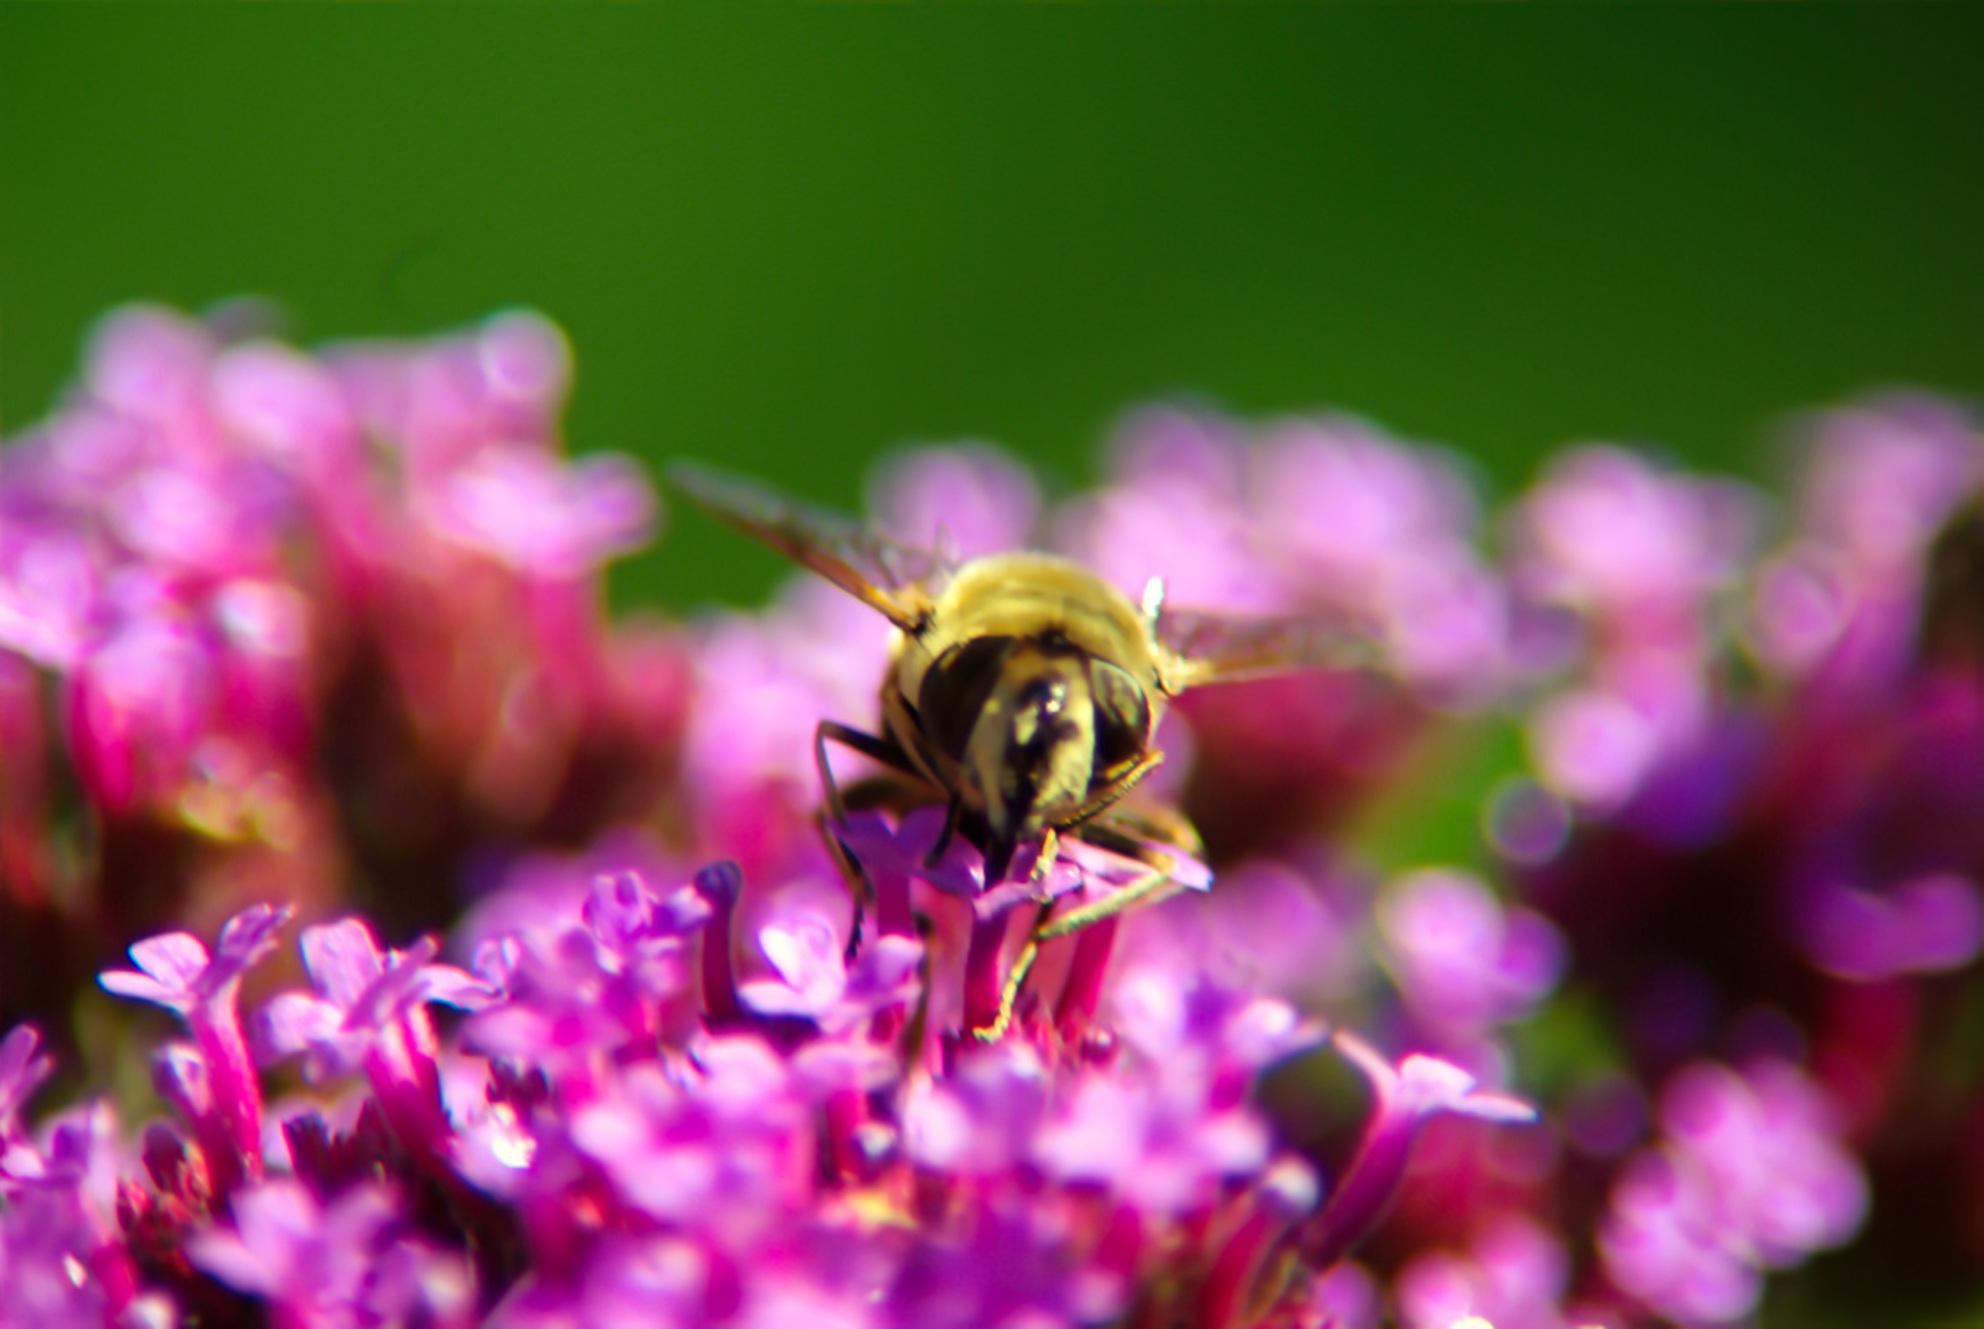 Bij - - - foto door ThomasTGH op 29-07-2017 - deze foto bevat: roze, groen, paars, macro, bloem, natuur, bij, geel, zwart, insect